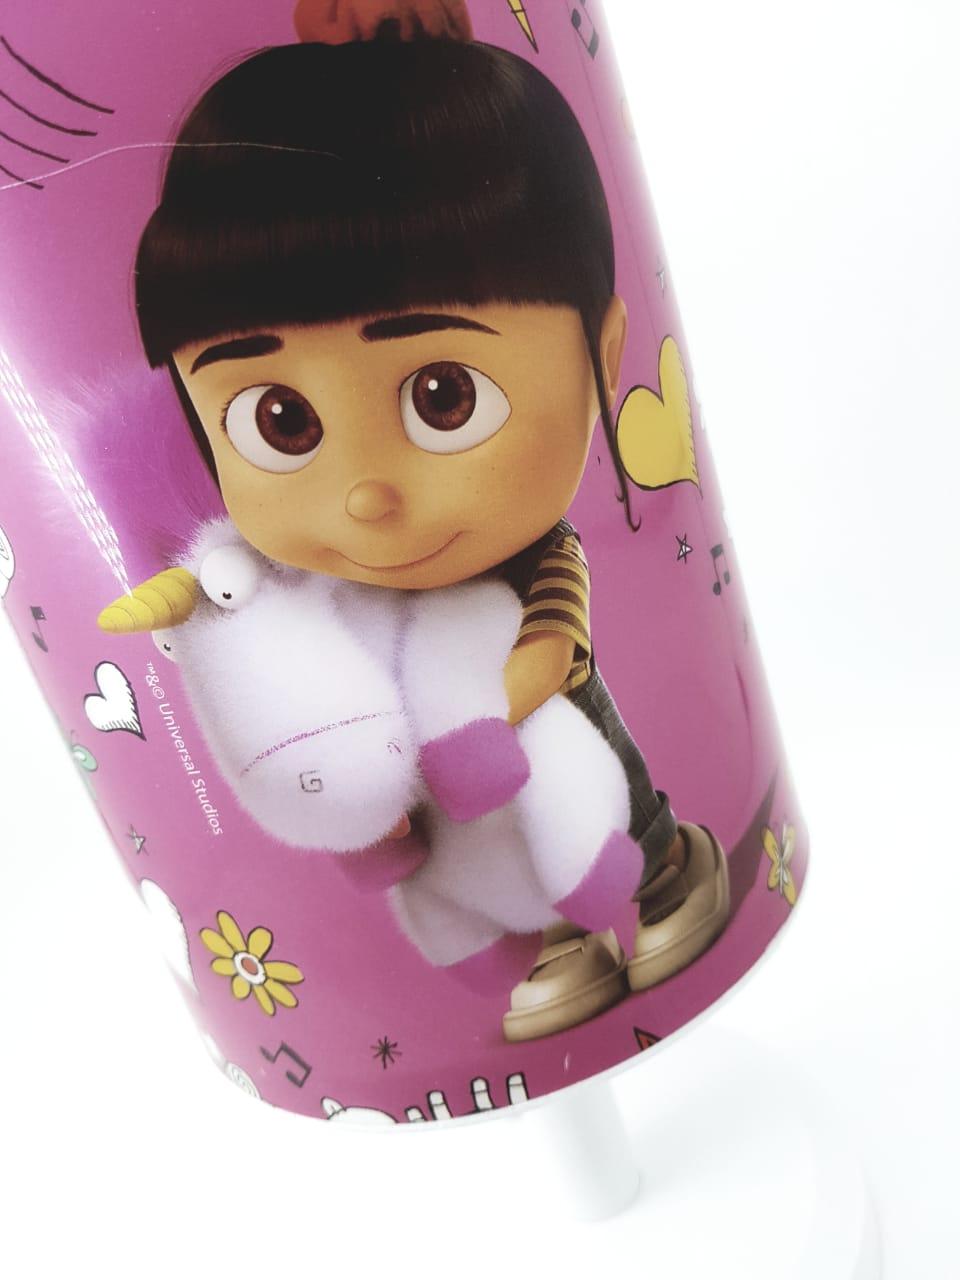 Luminária de mesa Infantil Abajur Criança Malvado Favorito